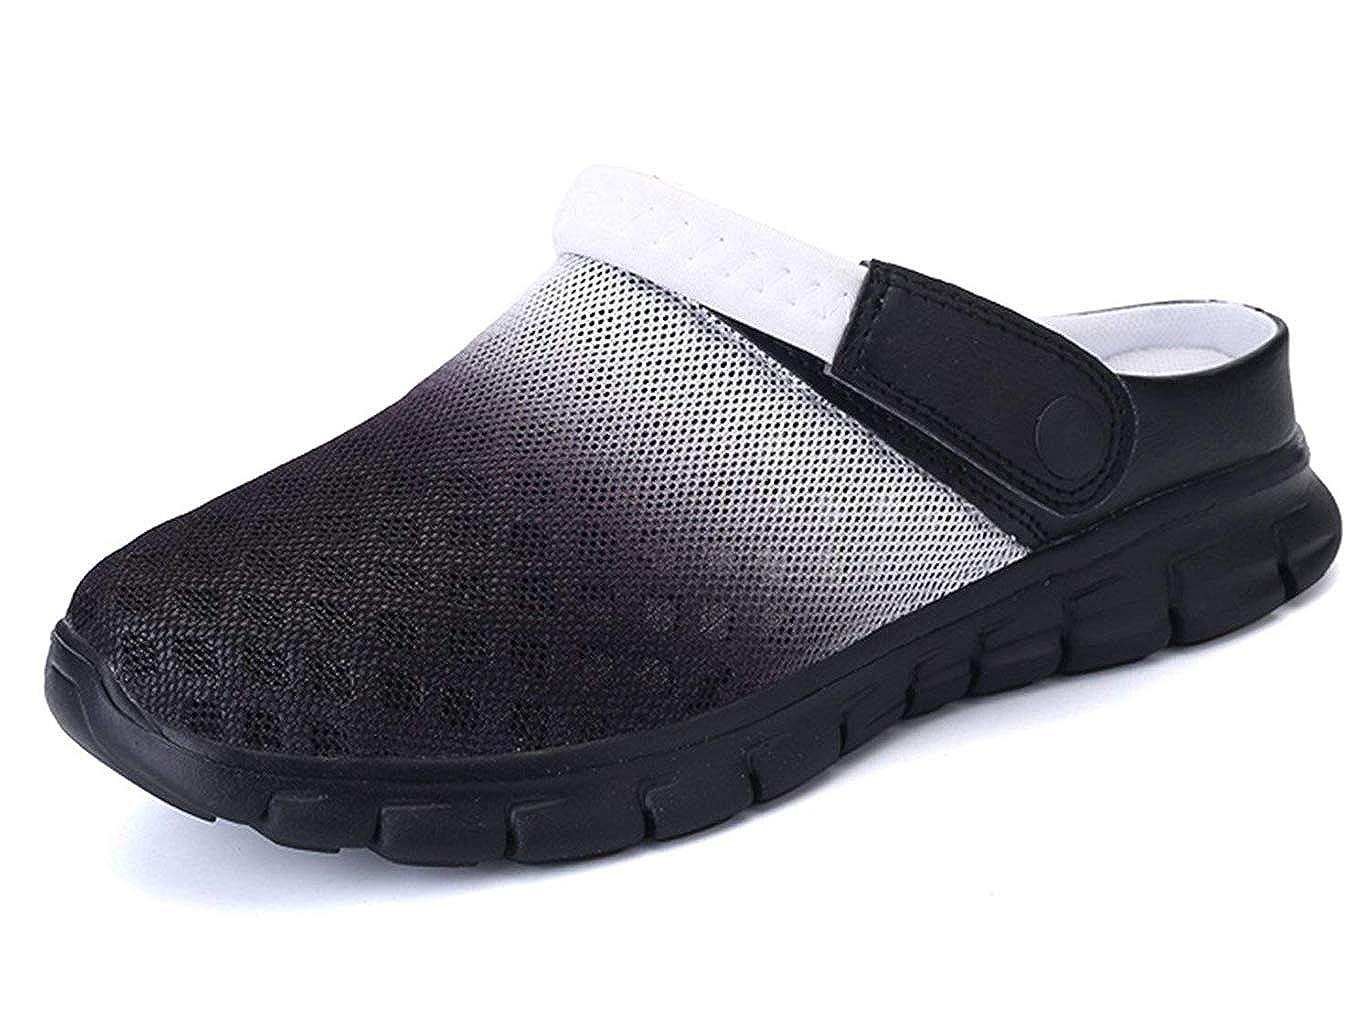 c2bc185d6e0 Femmes Hommes Sabots Mules Respirant Chaussures de Jardin Perforés-Sabot de  Plage Sport Pantoufles Piscine Sandales DÉté Chaussures